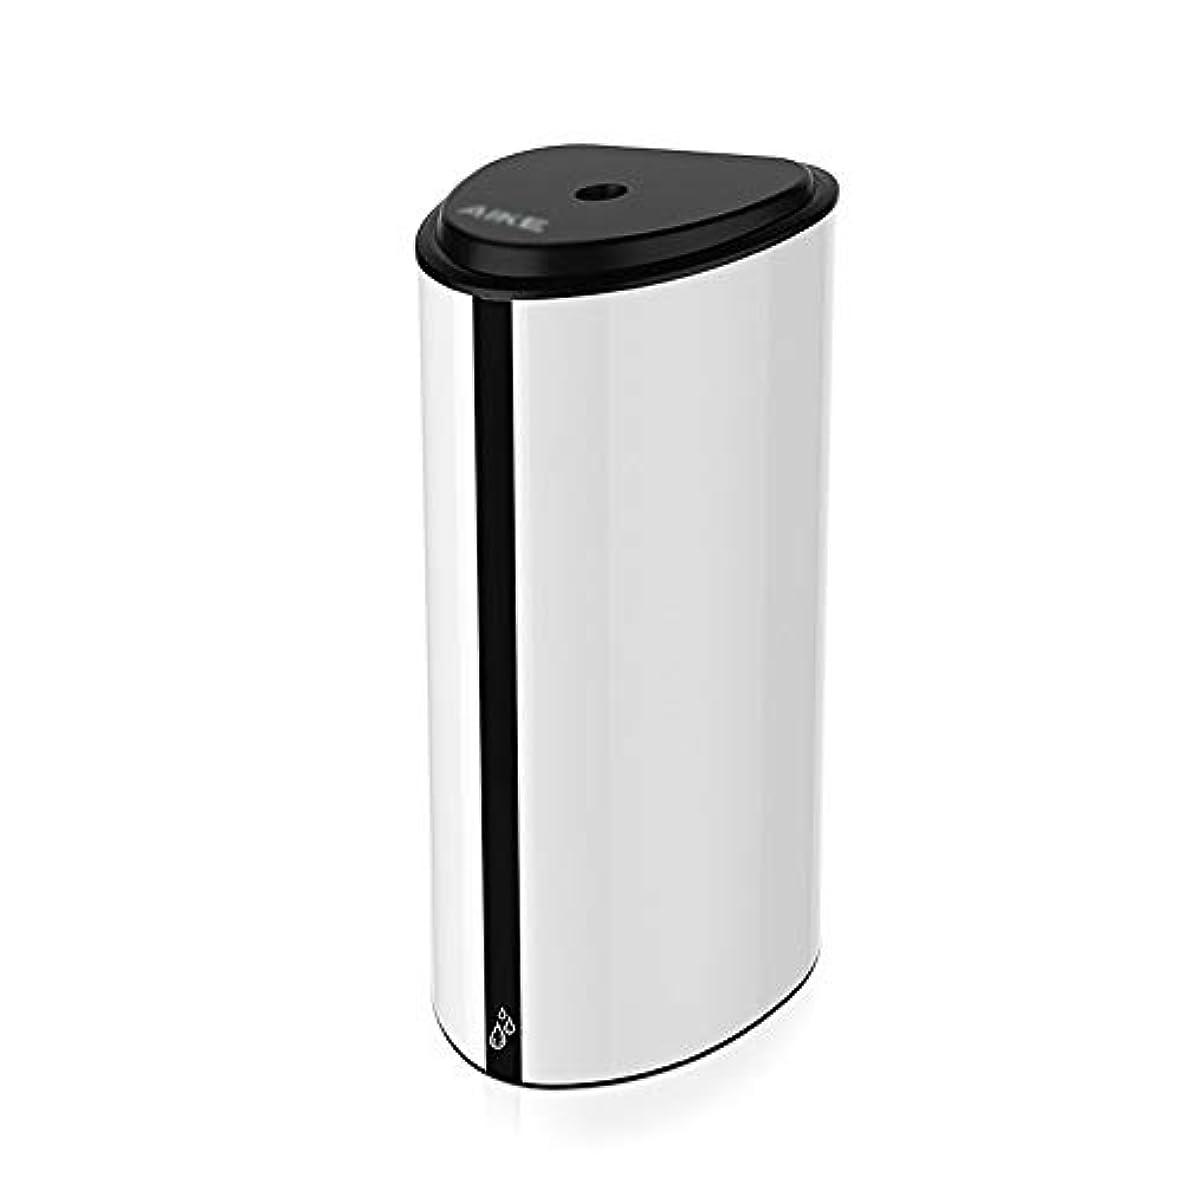 蜜消去現代ソープディスペンサー 800ミリリットル容量の自動ソープディスペンサーは、タッチレスバッテリーは、ハンズフリーソープディスペンサーを運営しました ハンドソープ 食器用洗剤 キッチン 洗面所などに適用 (Color : White...